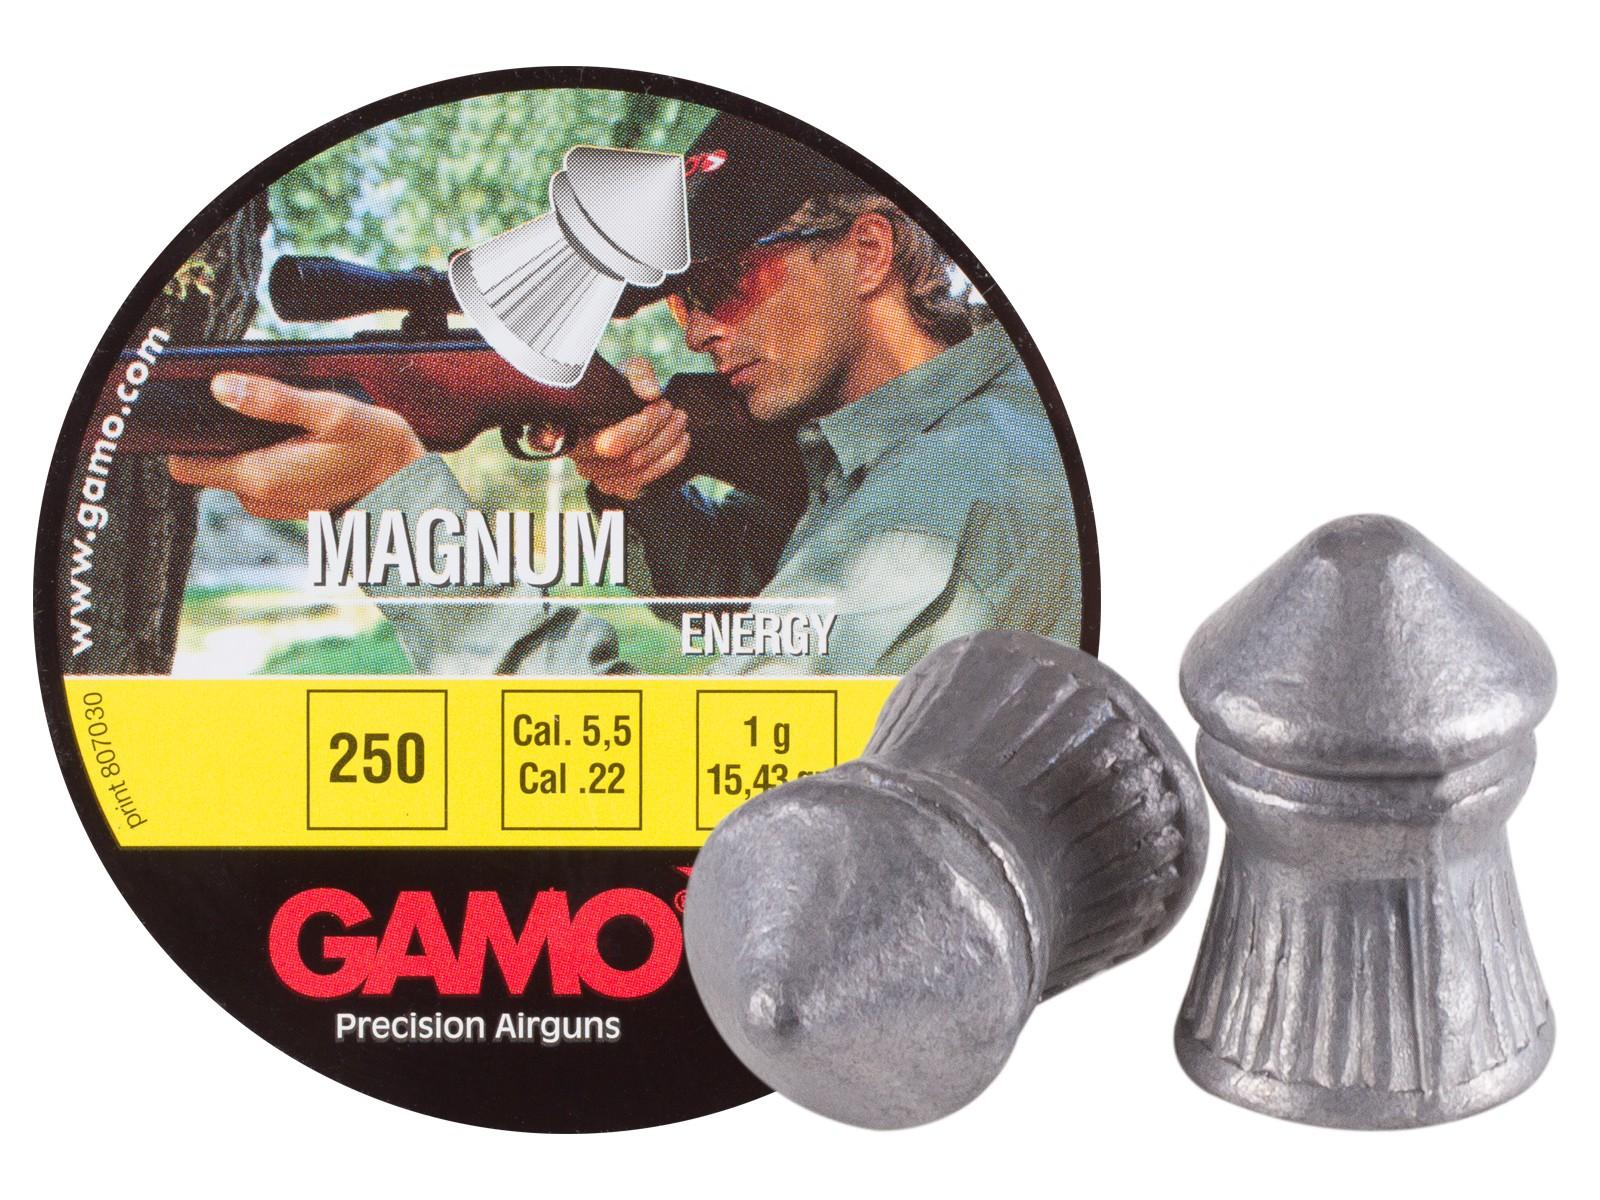 Gamo Magnum .22 Cal, 15.43 Grains, Pointed, 250ct